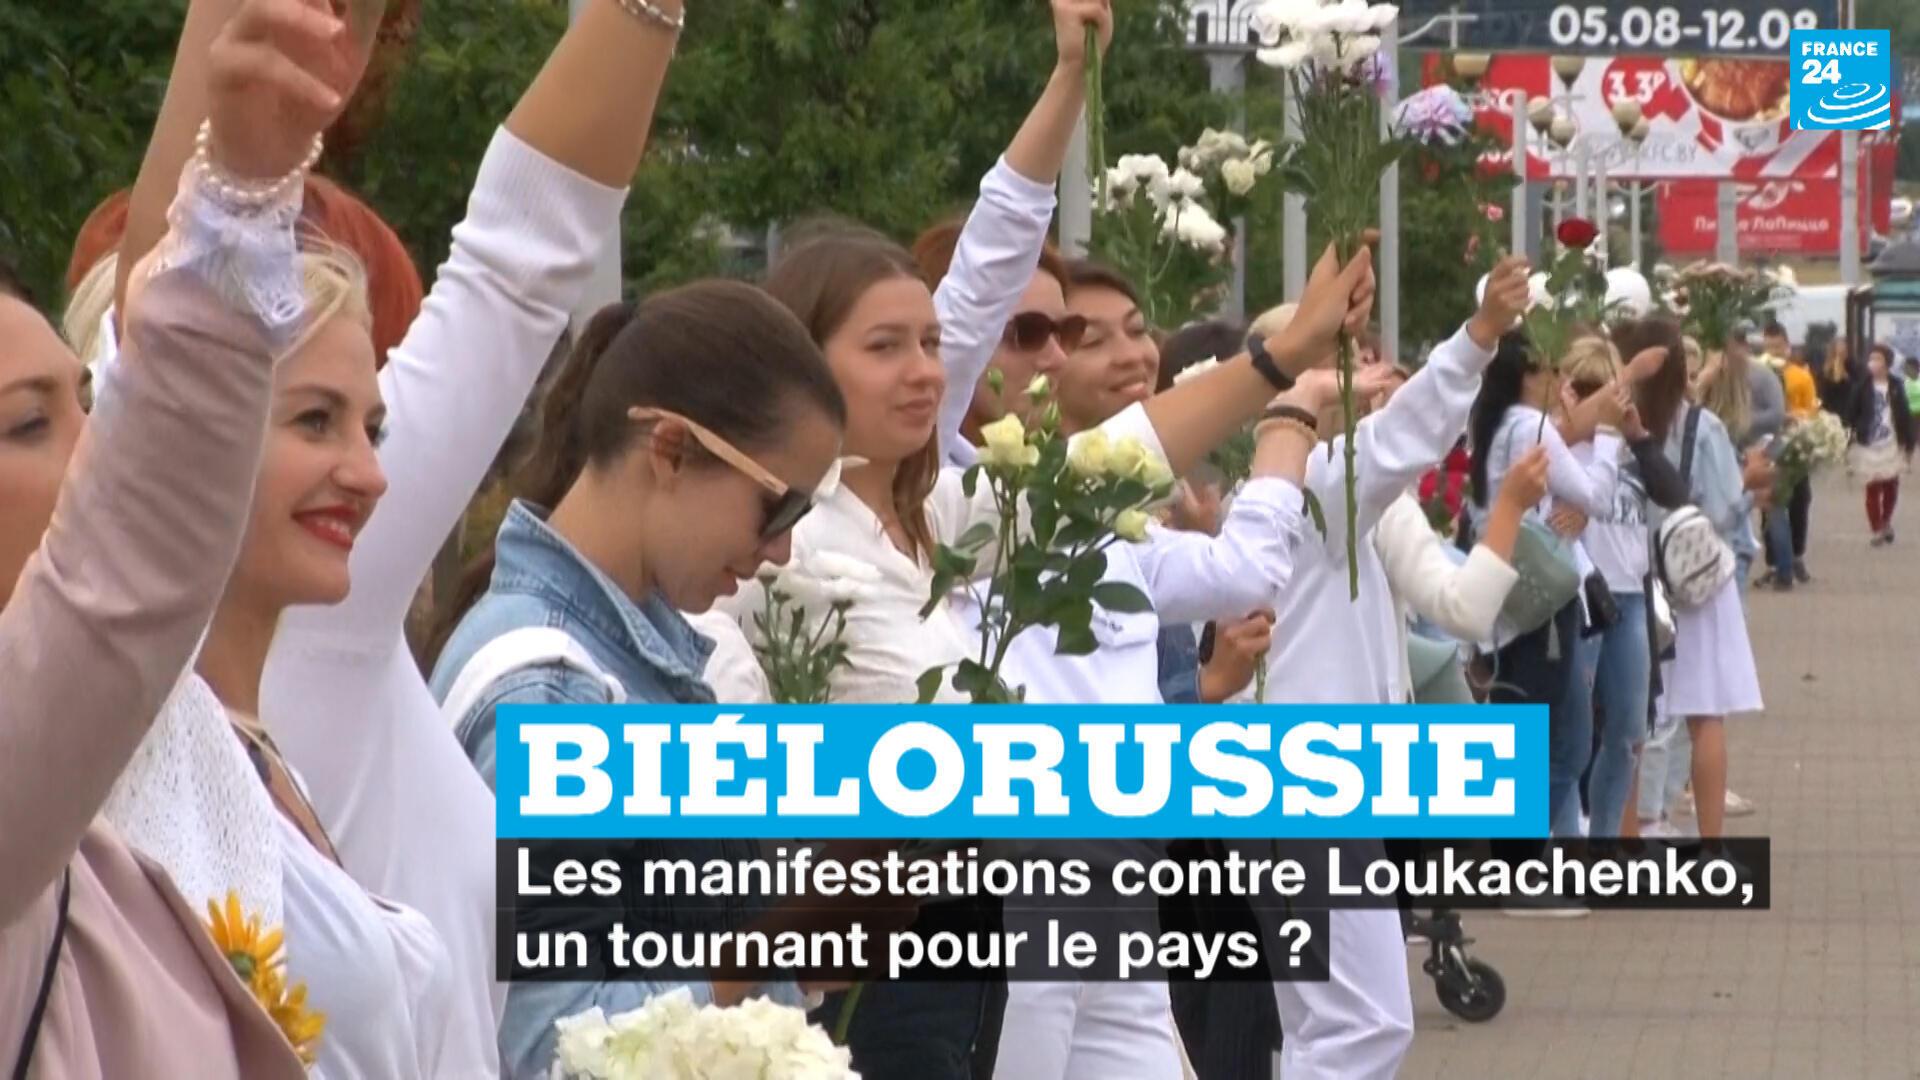 Depuis mai 2020, la Biélorussie vit au rythme des manifestations contre son président Alexandre Loukachenko.